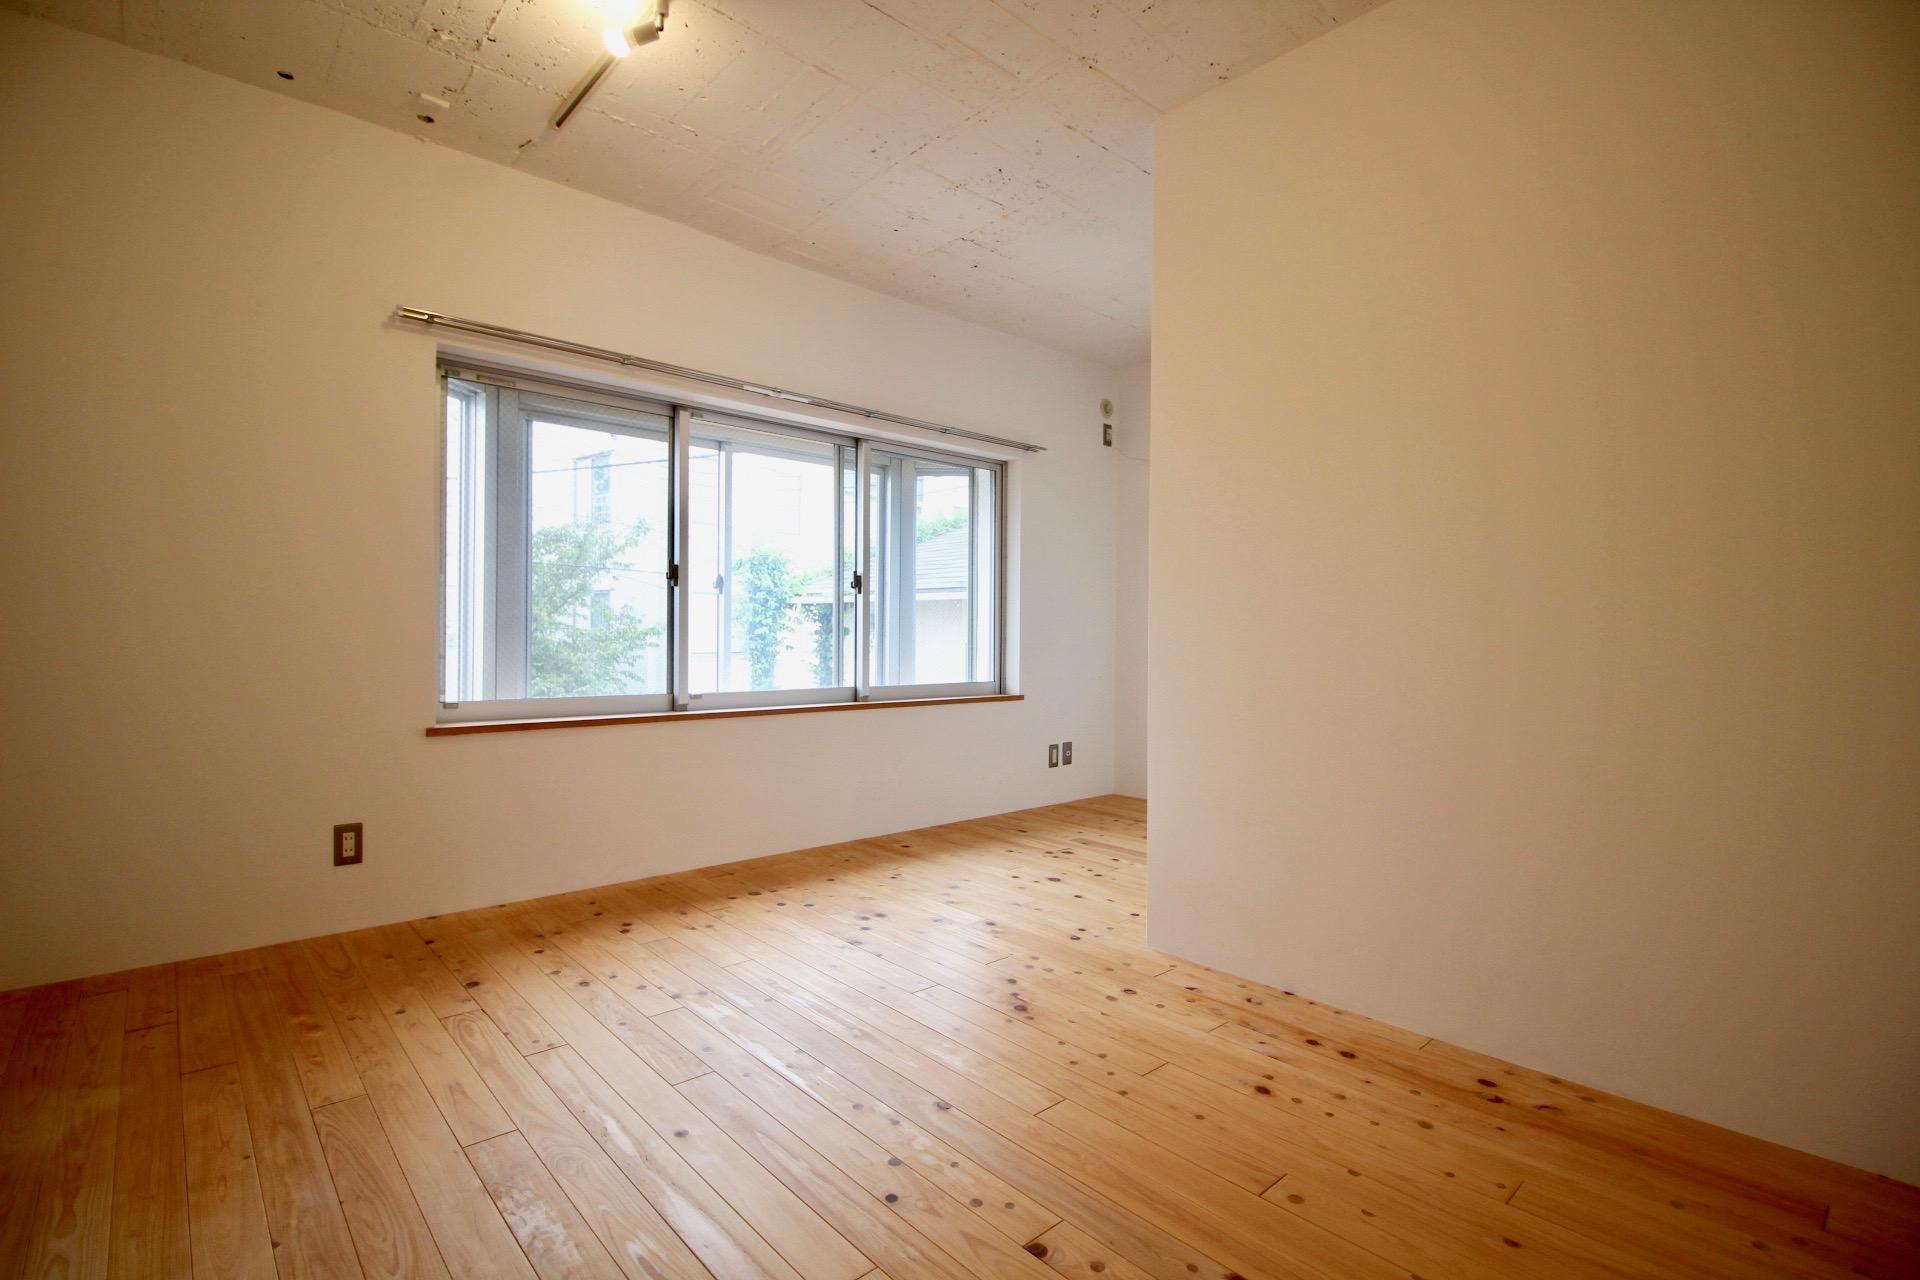 洋室はL字で寝室兼窓際は書斎にもいいかも